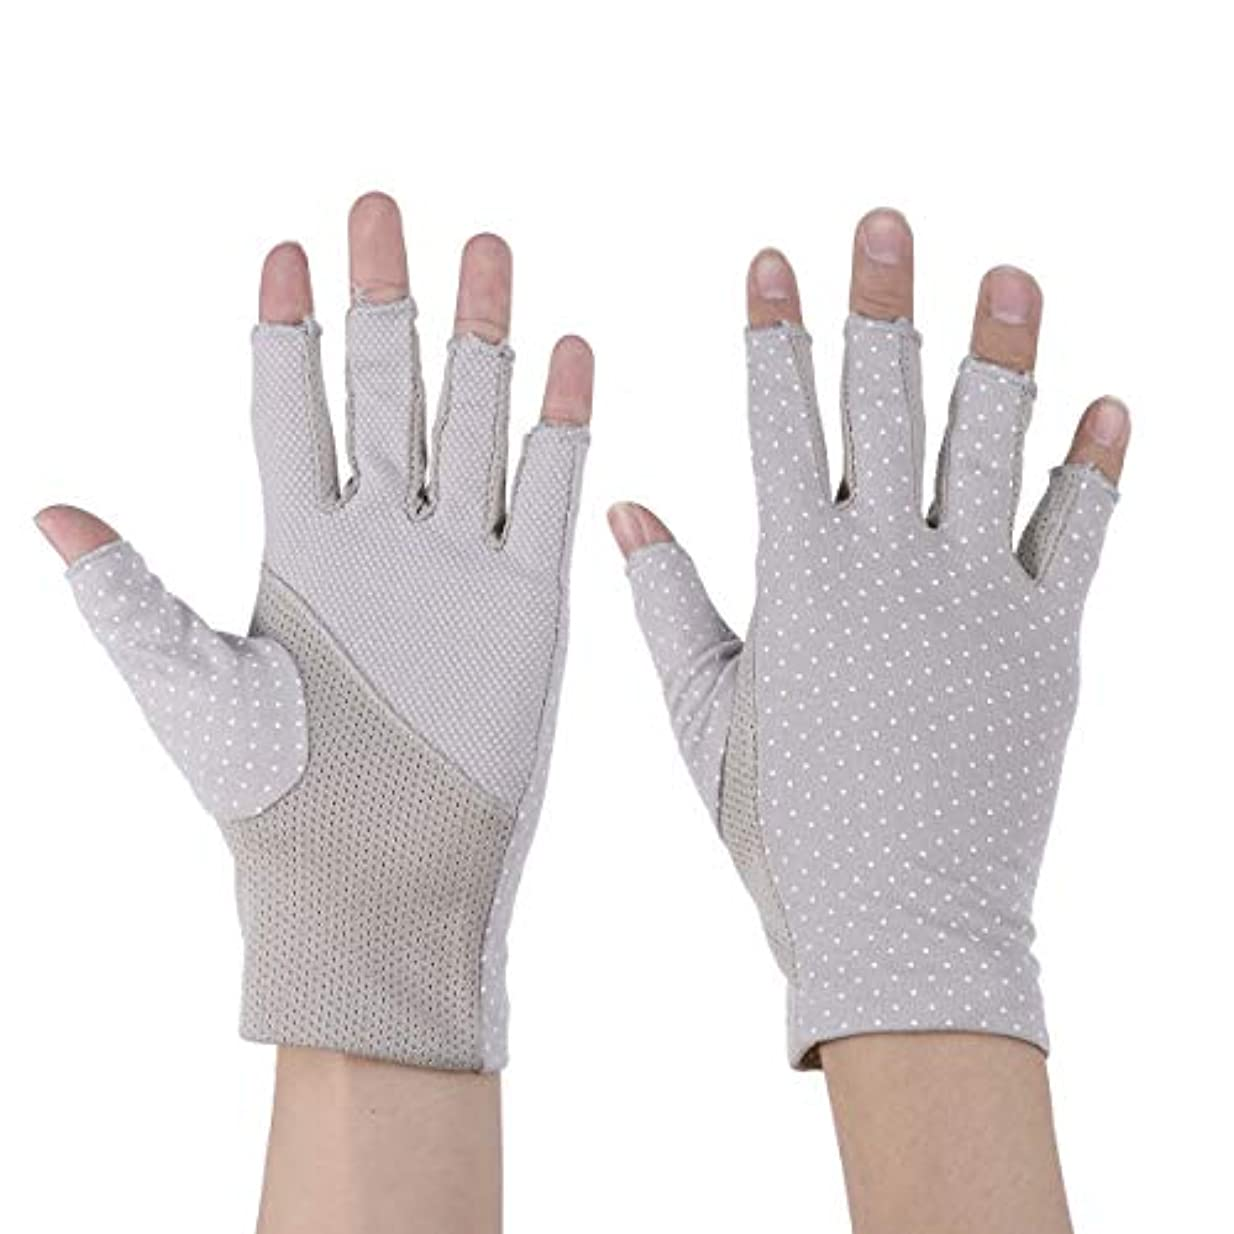 アルネシェフ終了しましたHealifty 1ペア日焼け止め手袋ワークアウトミトンハーフフィンガー紫外線保護手袋用サイクリンググレー